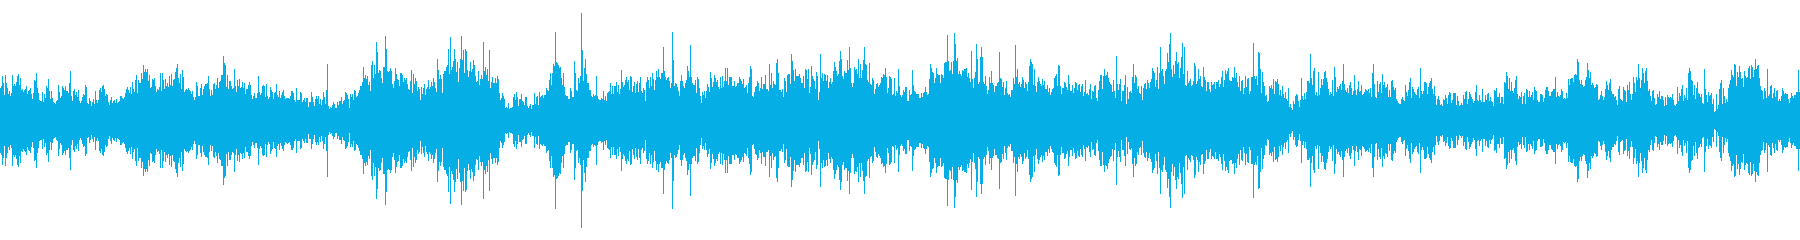 激しい雨の日の車内の音の再生済みの波形